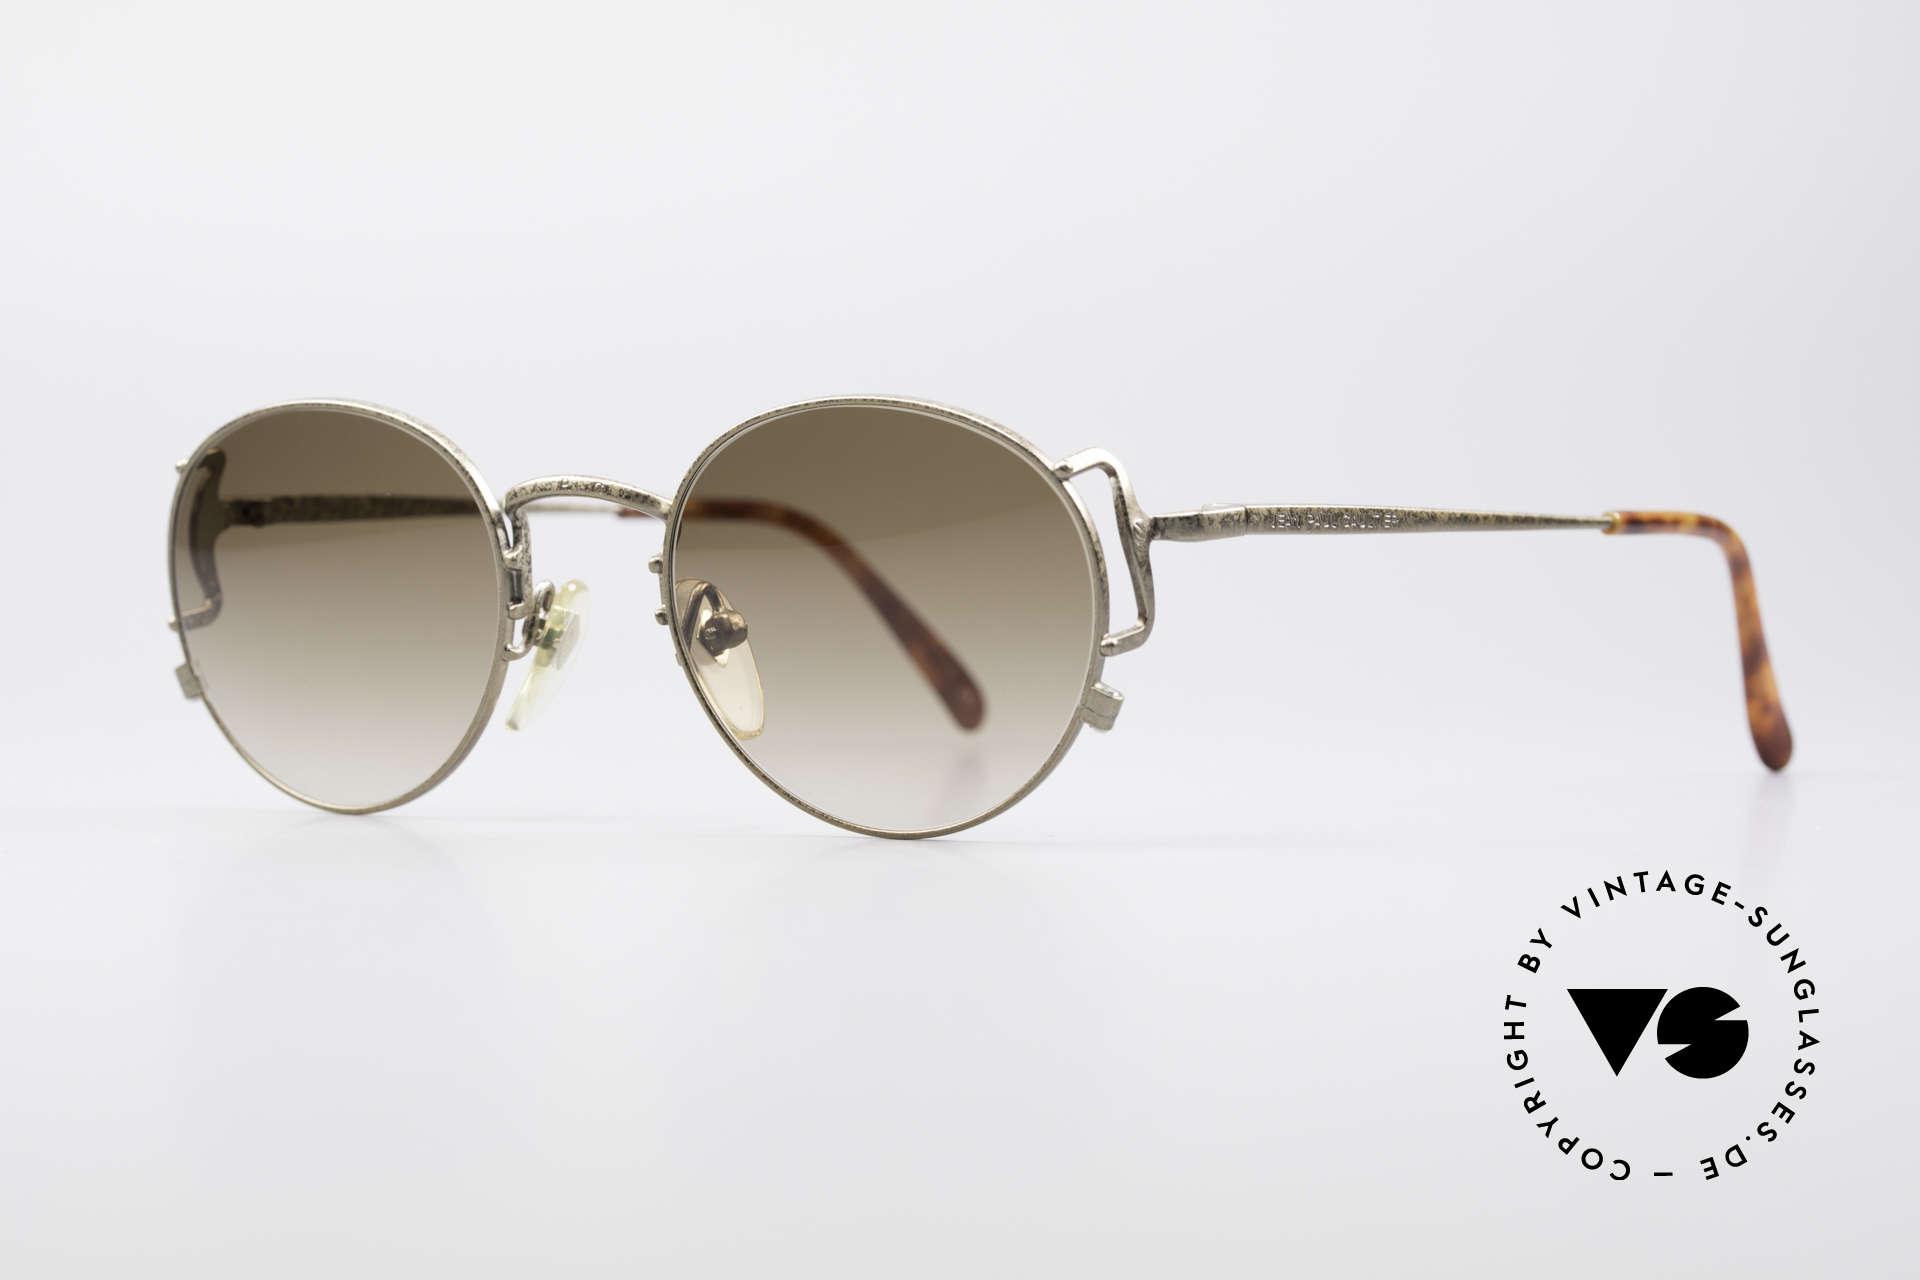 Jean Paul Gaultier 55-3178 90er Vintage No Retro Brille, hellbraune Verlaufsgläser (100% UV Protection), Passend für Herren und Damen